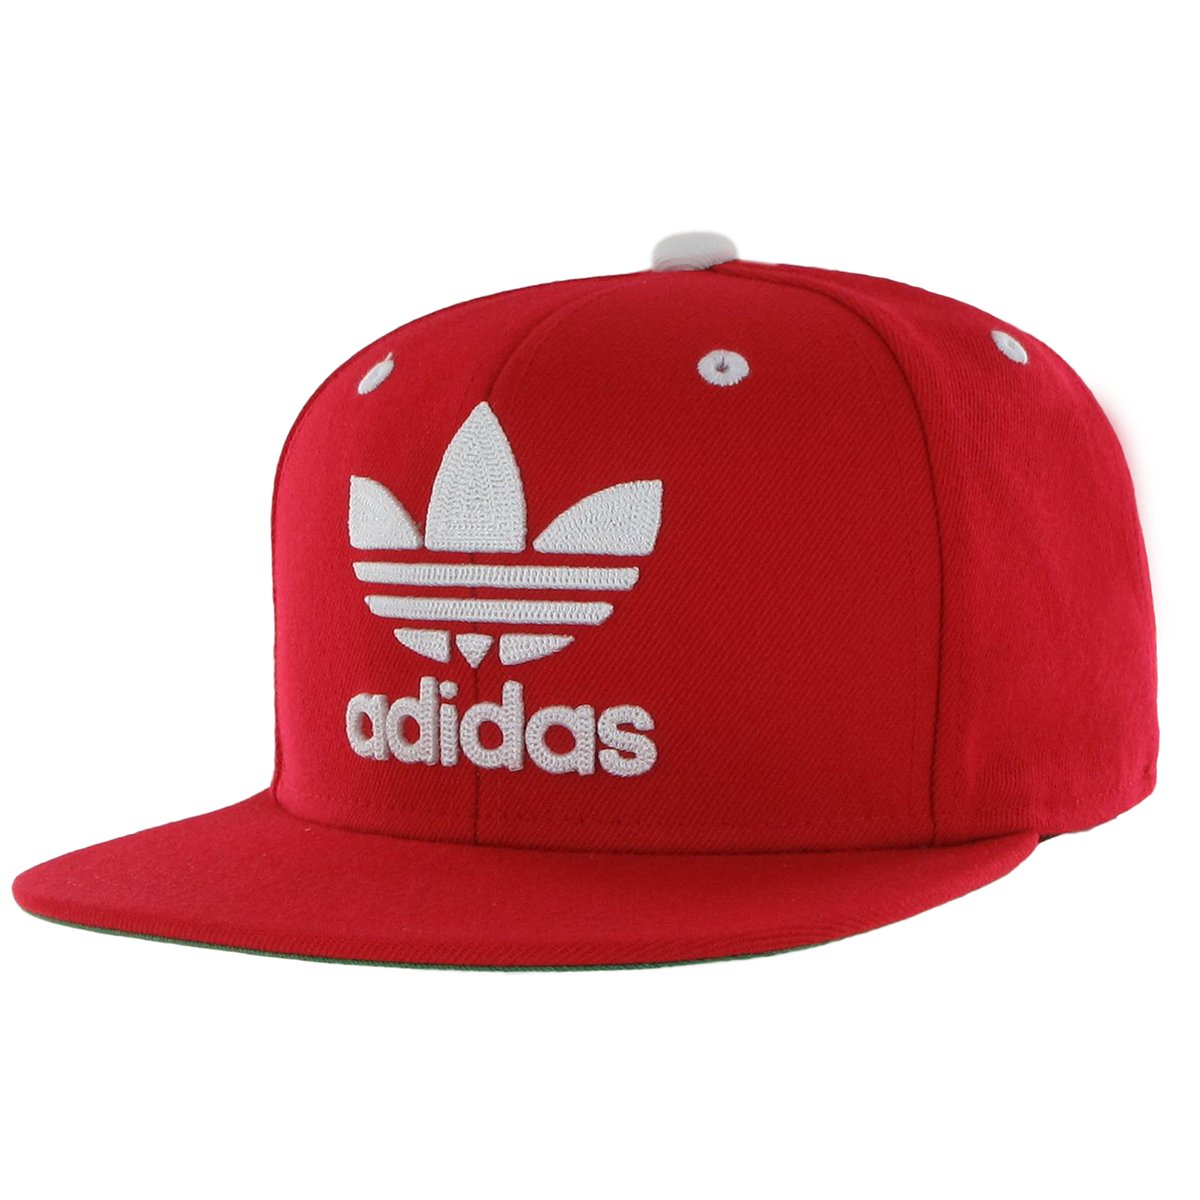 adidas Men's Originals Mens Men's originals snapback flatbrim cap, Scarlet/White, One Size